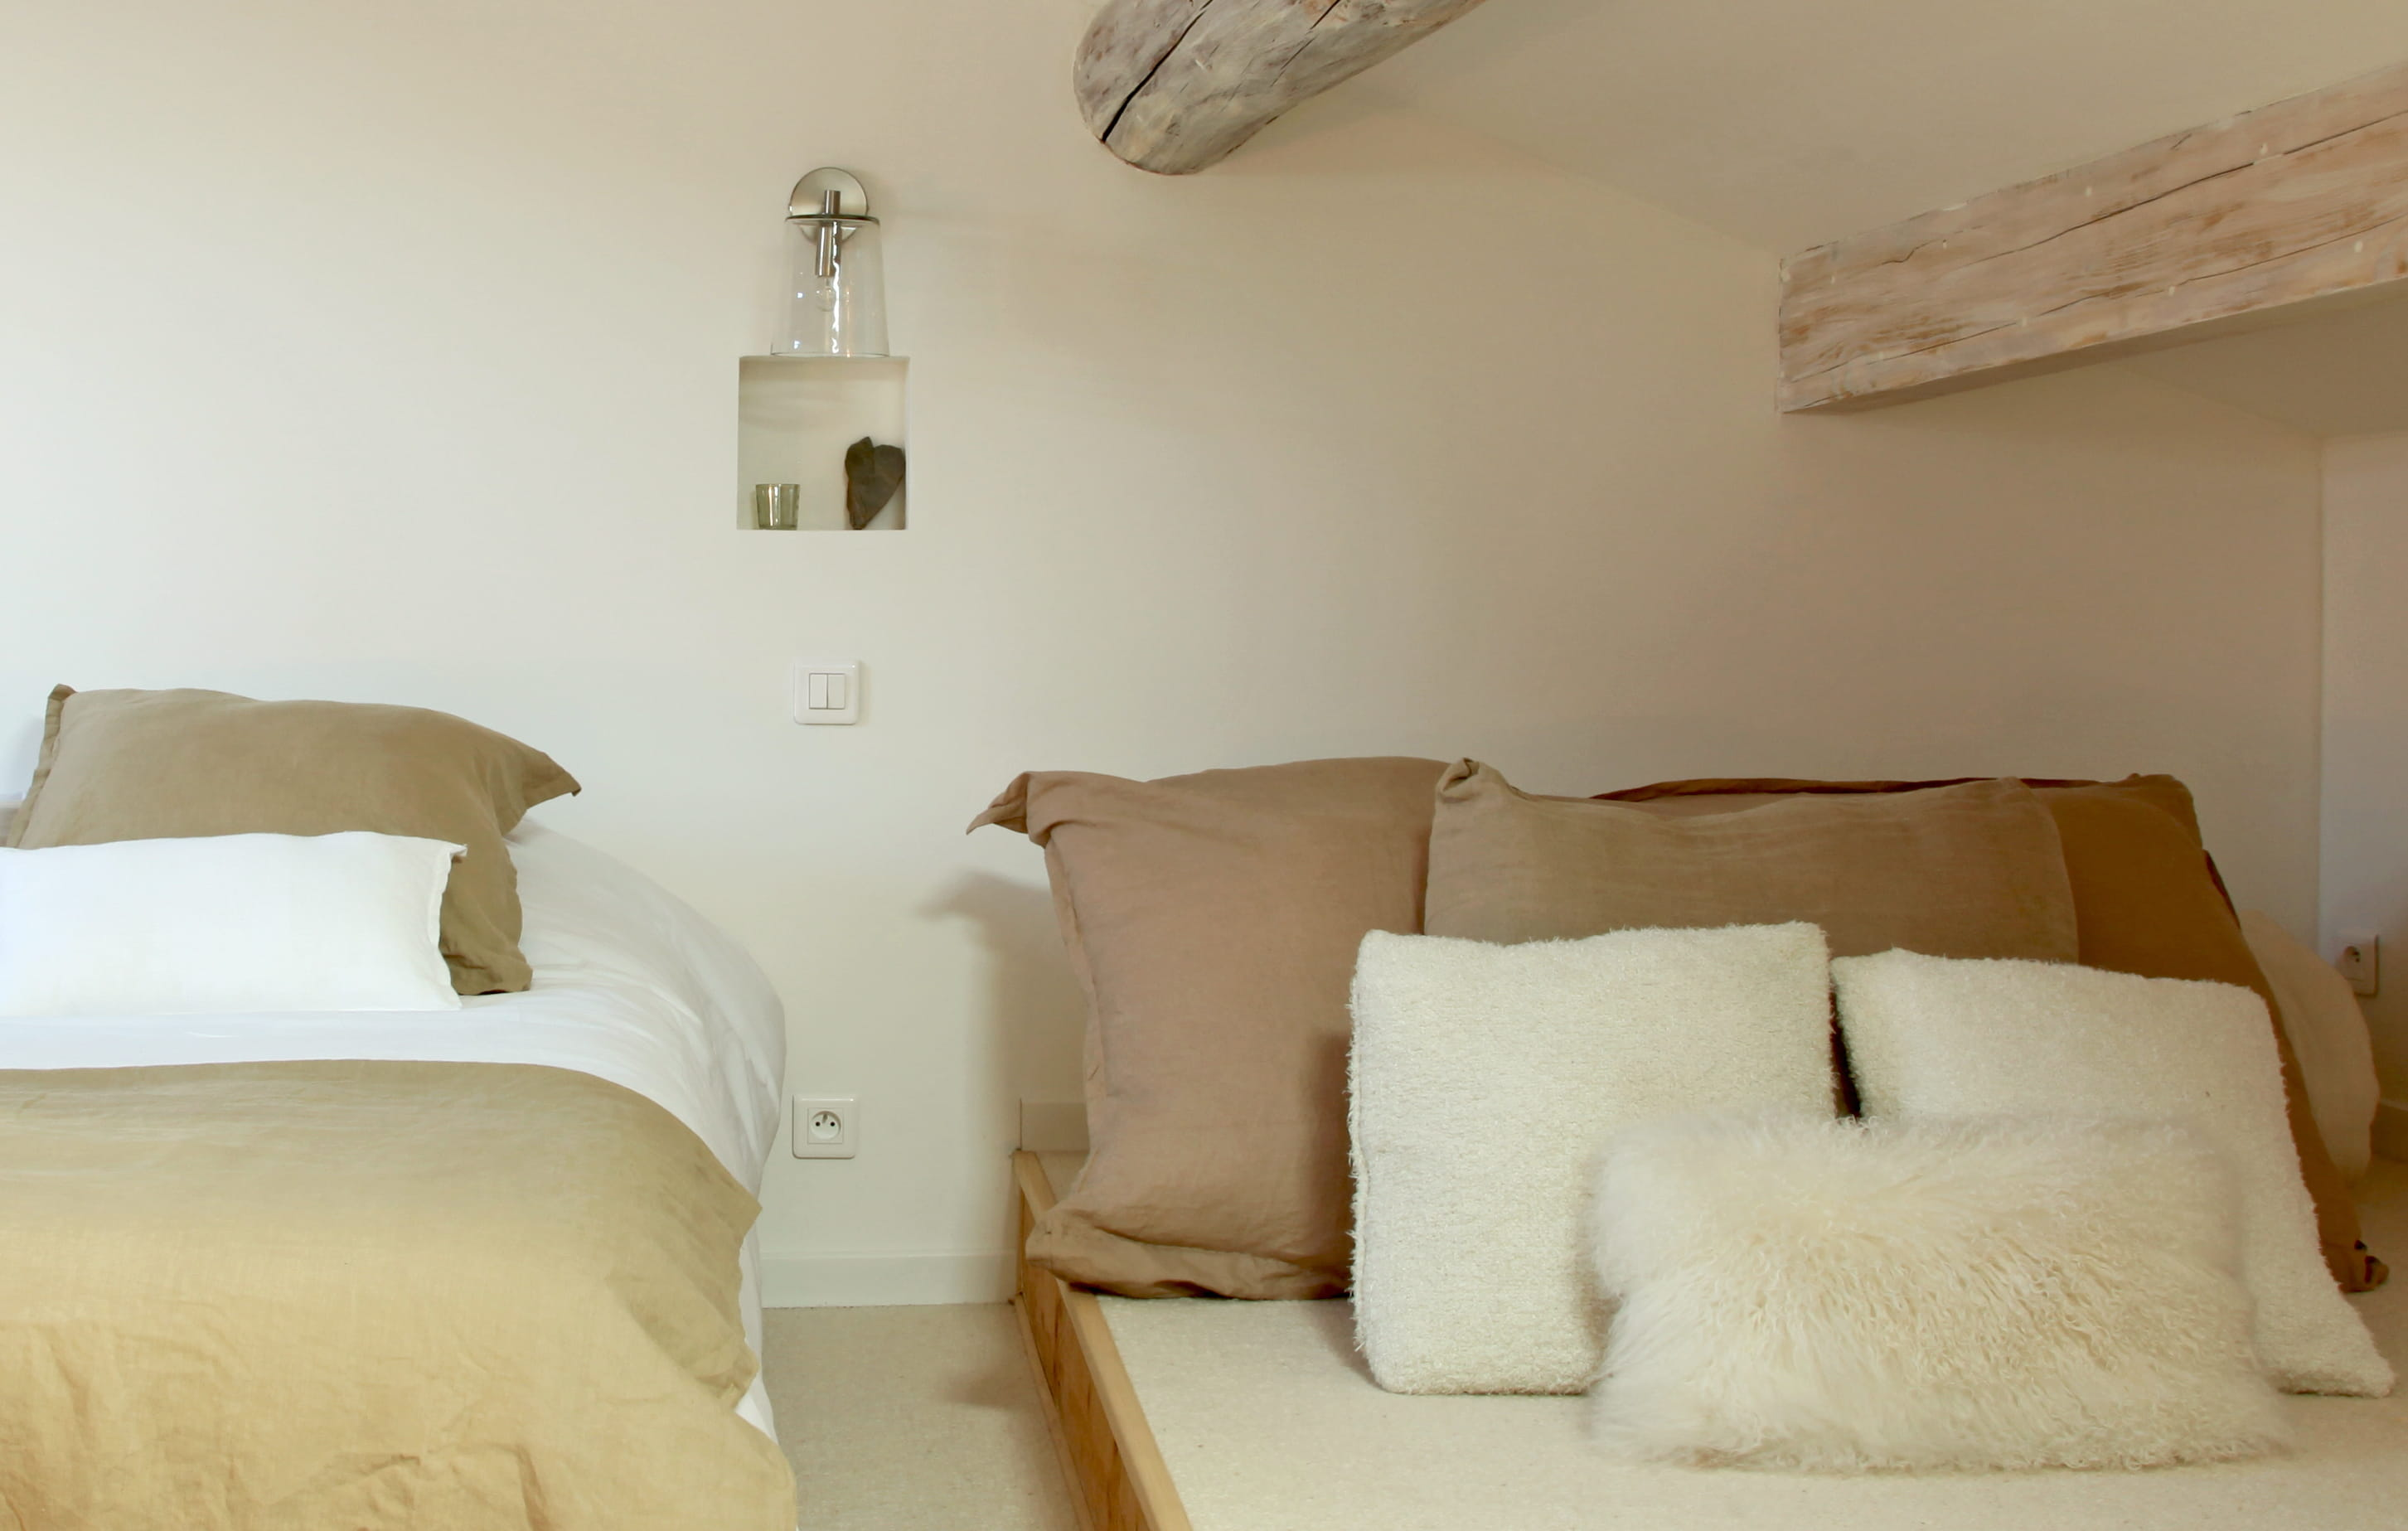 lit dans le mur lit dans le mur 29 frais galerie de lit suspendu au mur le gain de place. Black Bedroom Furniture Sets. Home Design Ideas